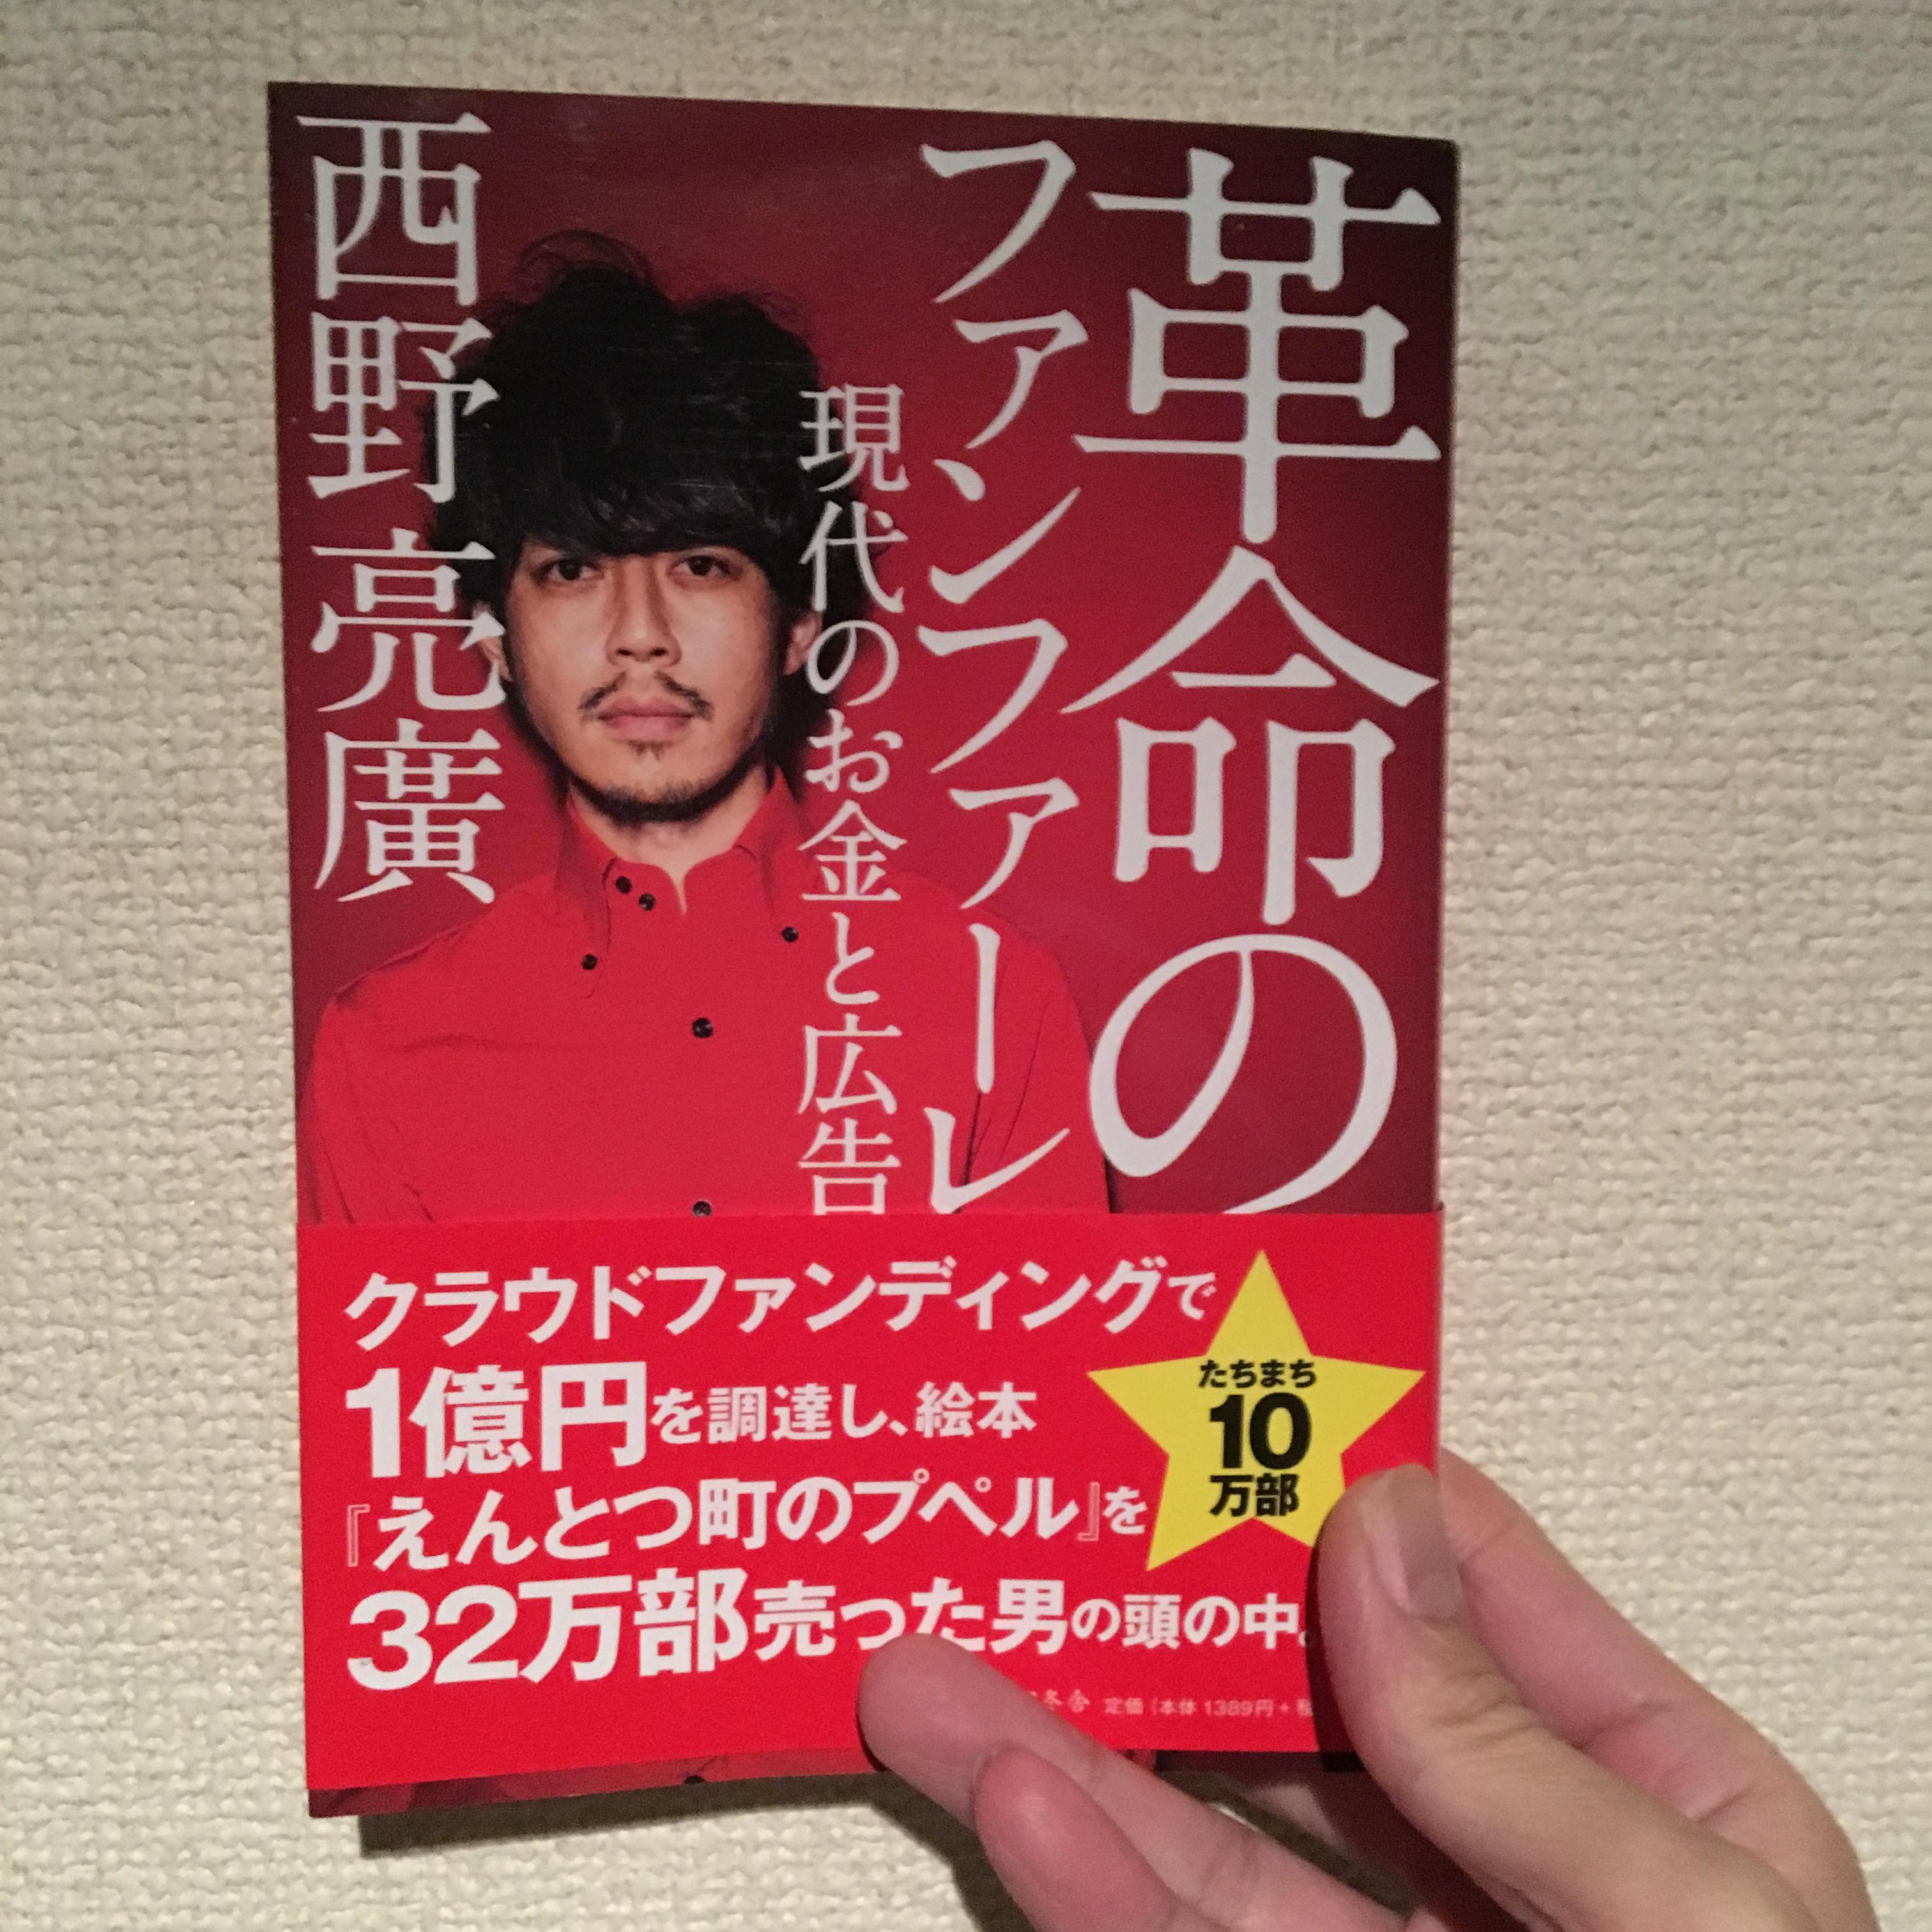 キングコング西野亮廣さんが考案したレターポットの使い方